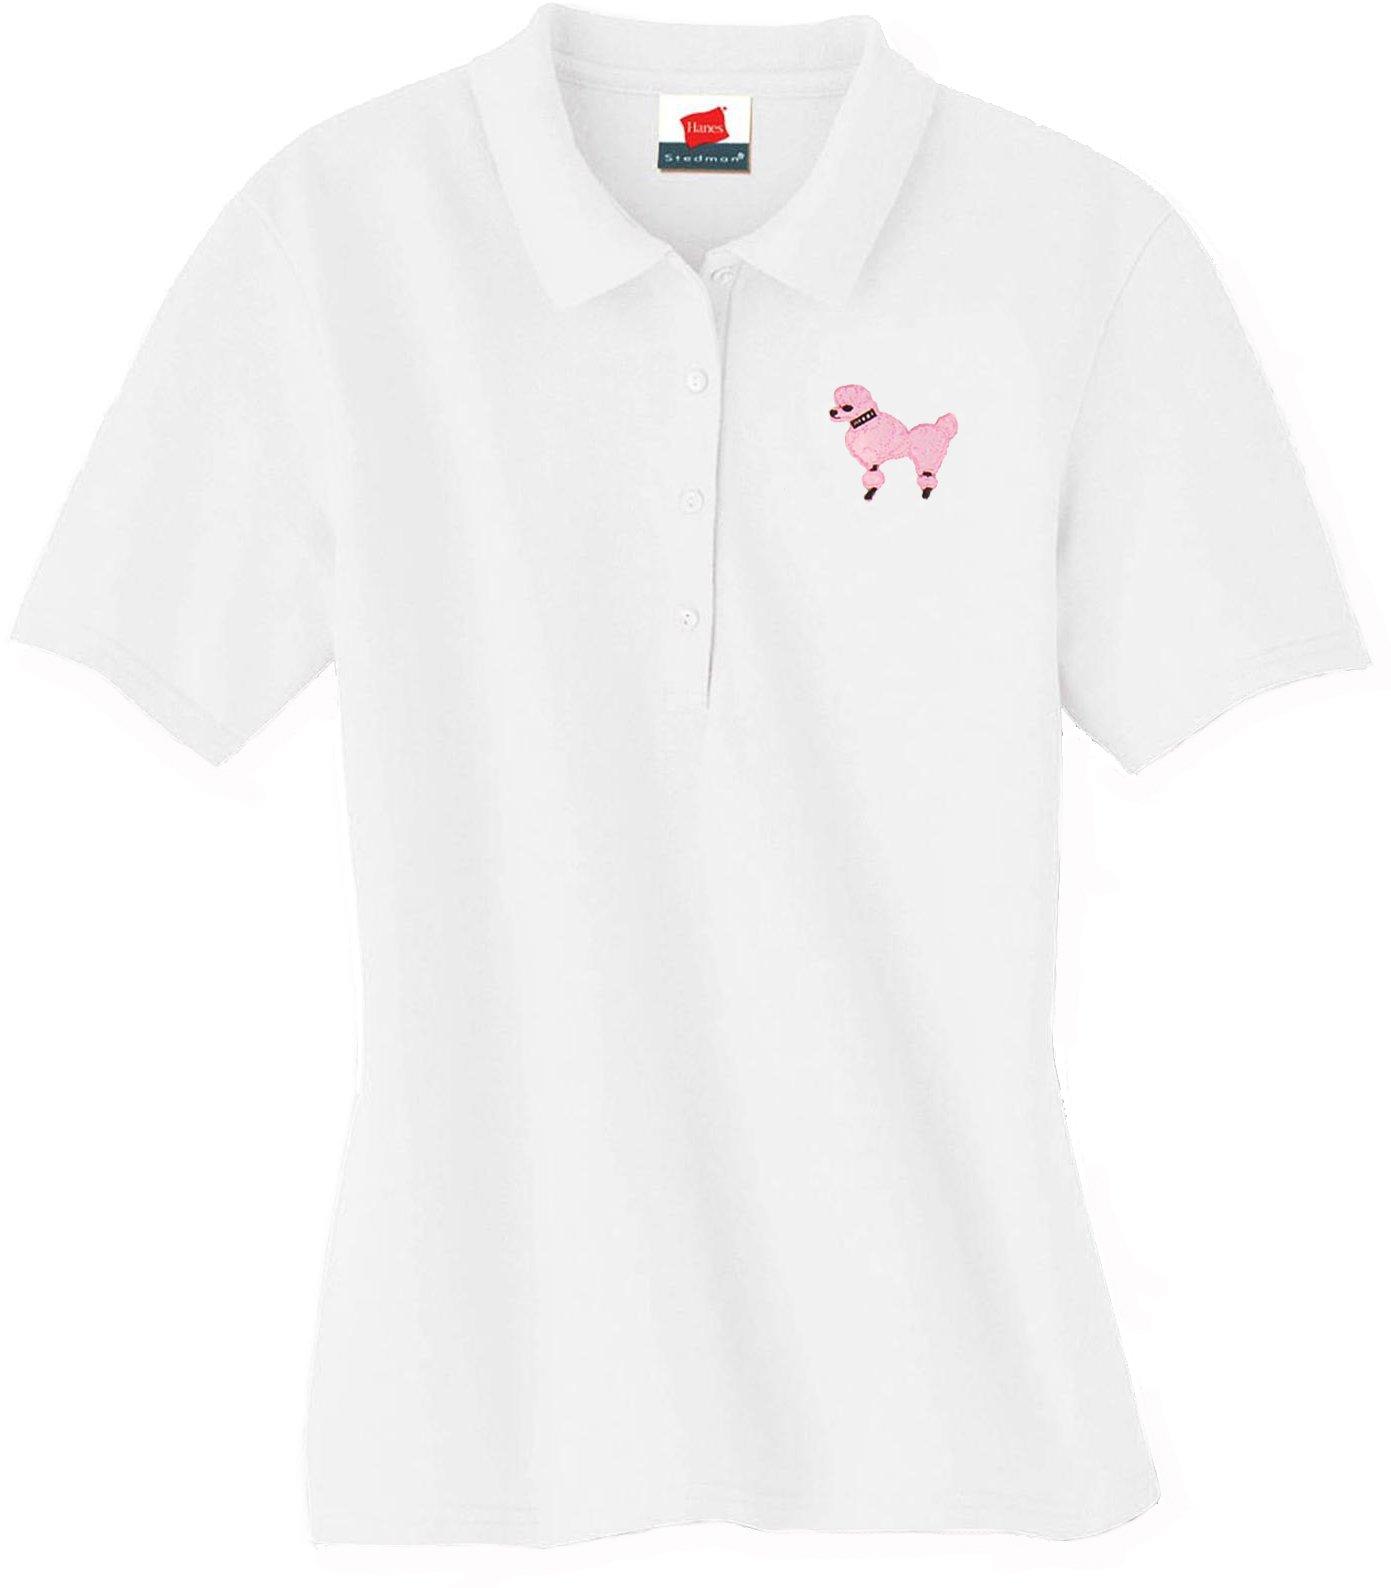 Hip Hop 50s Shop Adult 7 Piece Poodle Skirt Costume Set Black and Pink XLarge by Hip Hop 50s Shop (Image #4)